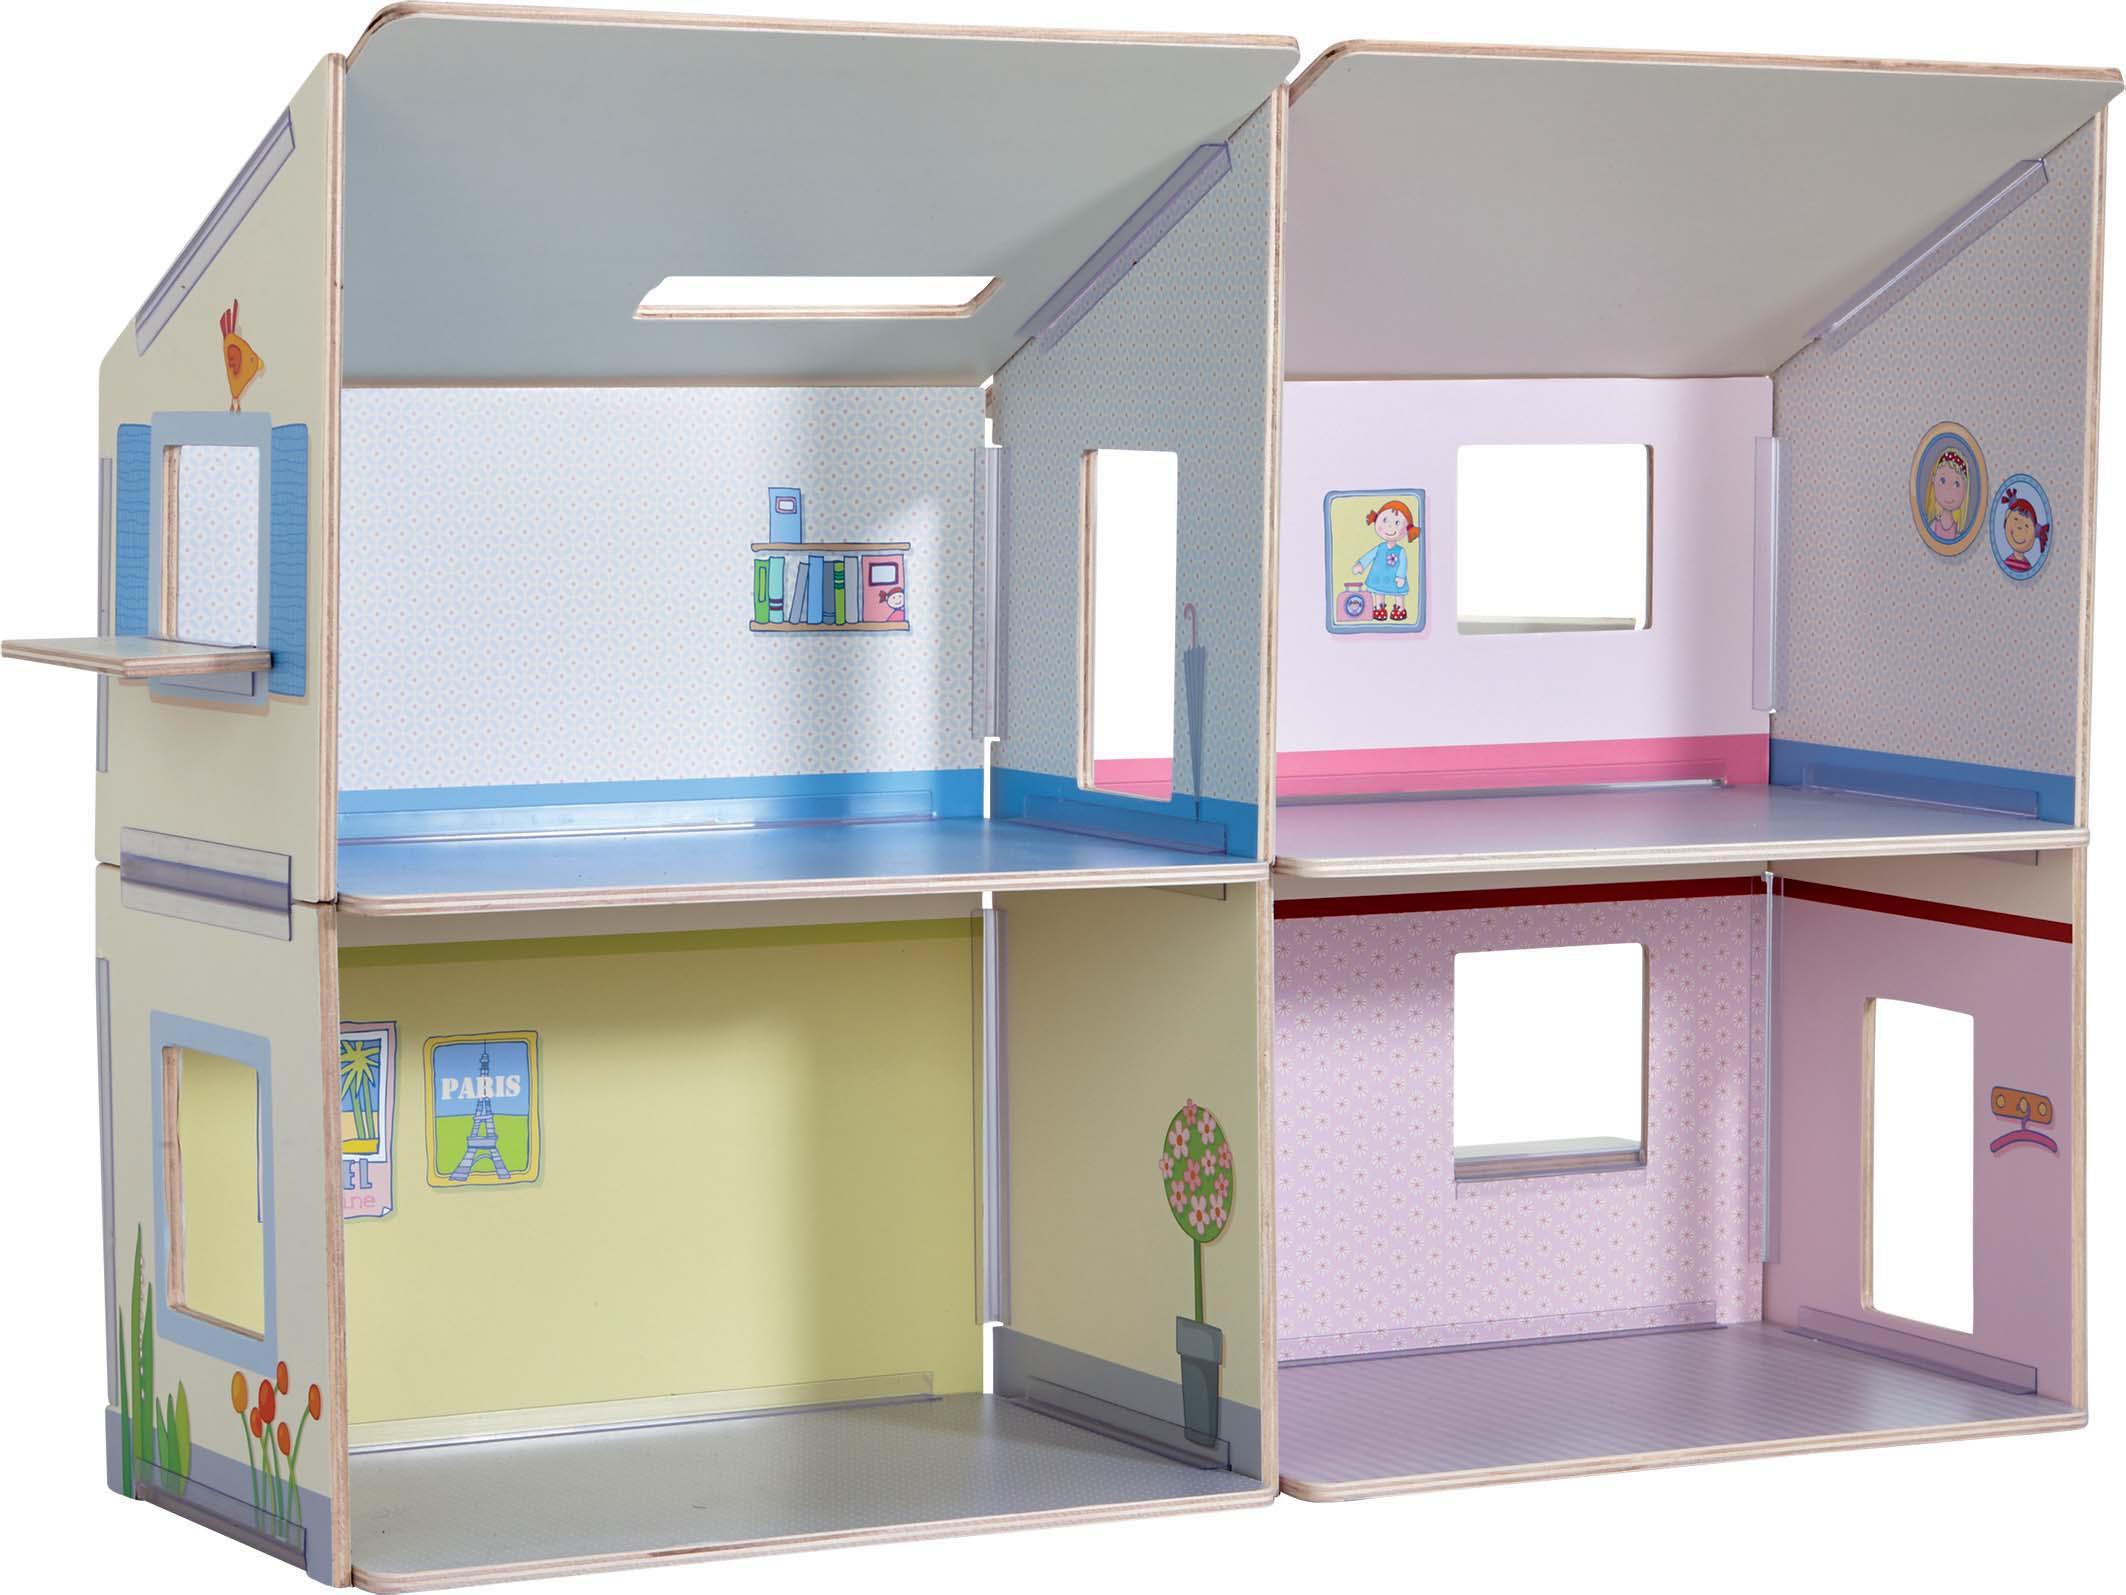 haba puppenhaus villa sonnenschein haba puppenhaus. Black Bedroom Furniture Sets. Home Design Ideas